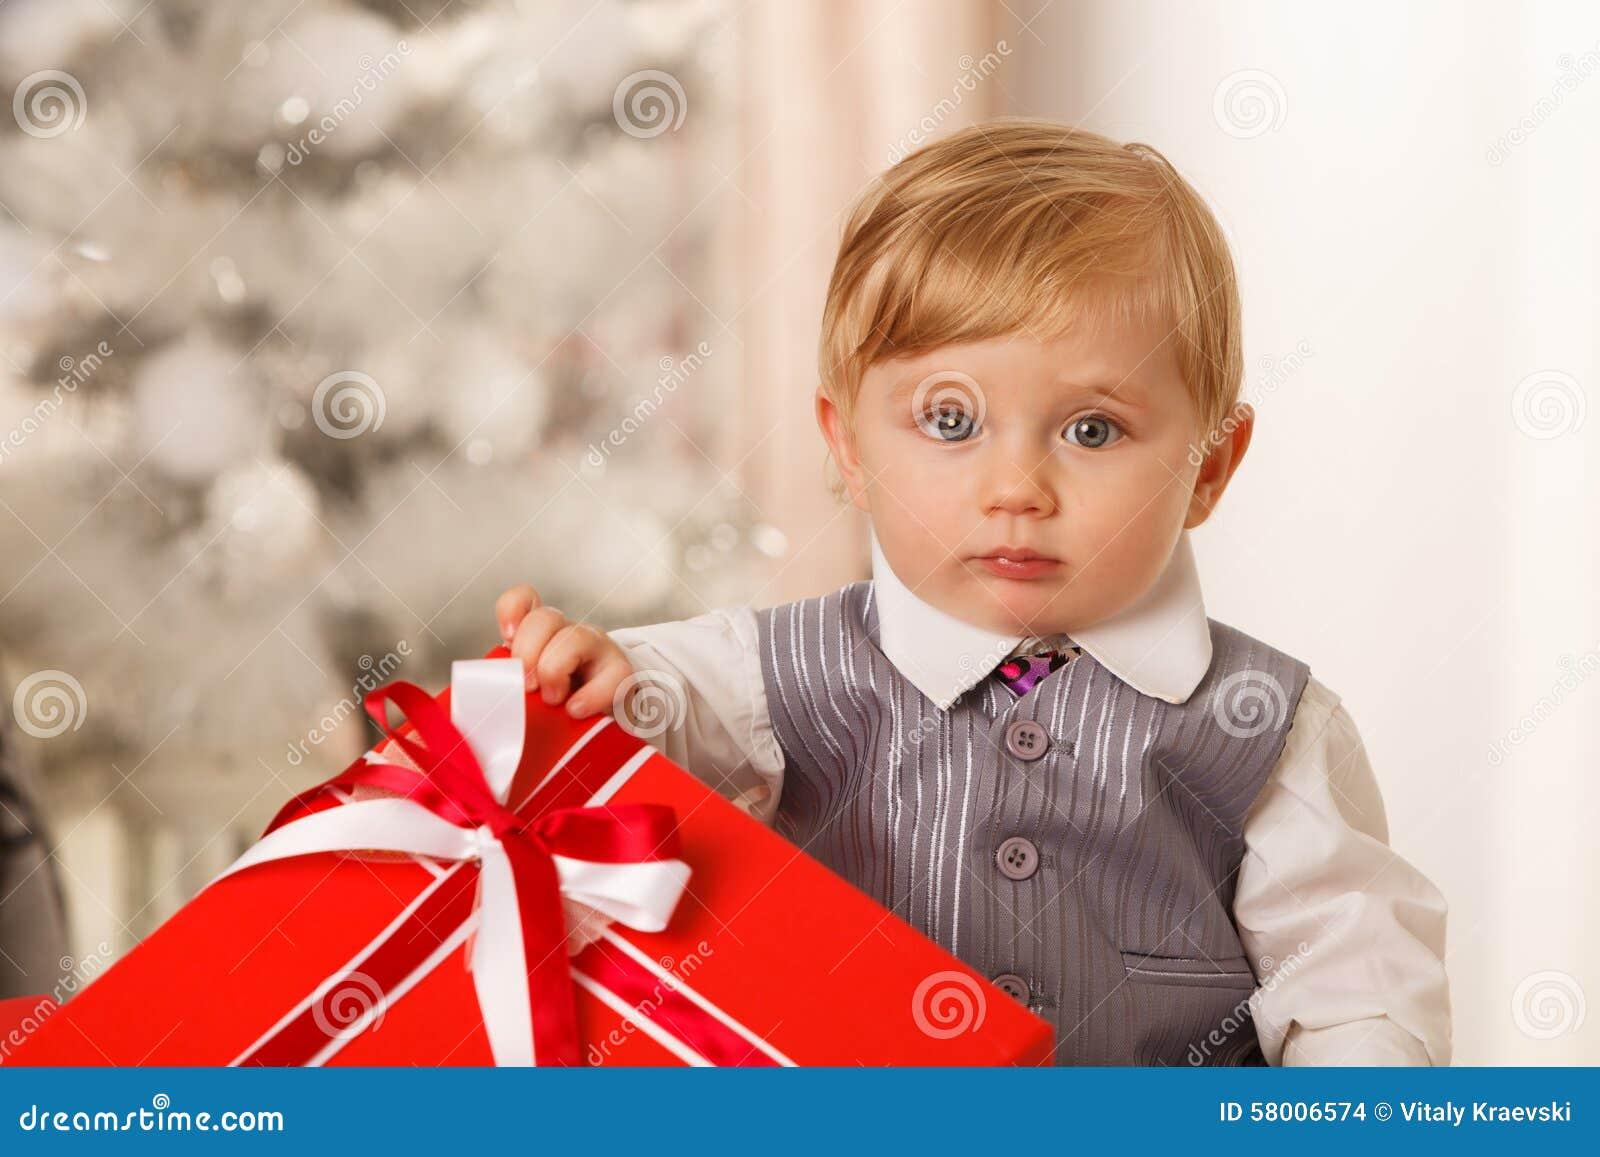 Le bébé garçon tient un grand boîte-cadeau rouge